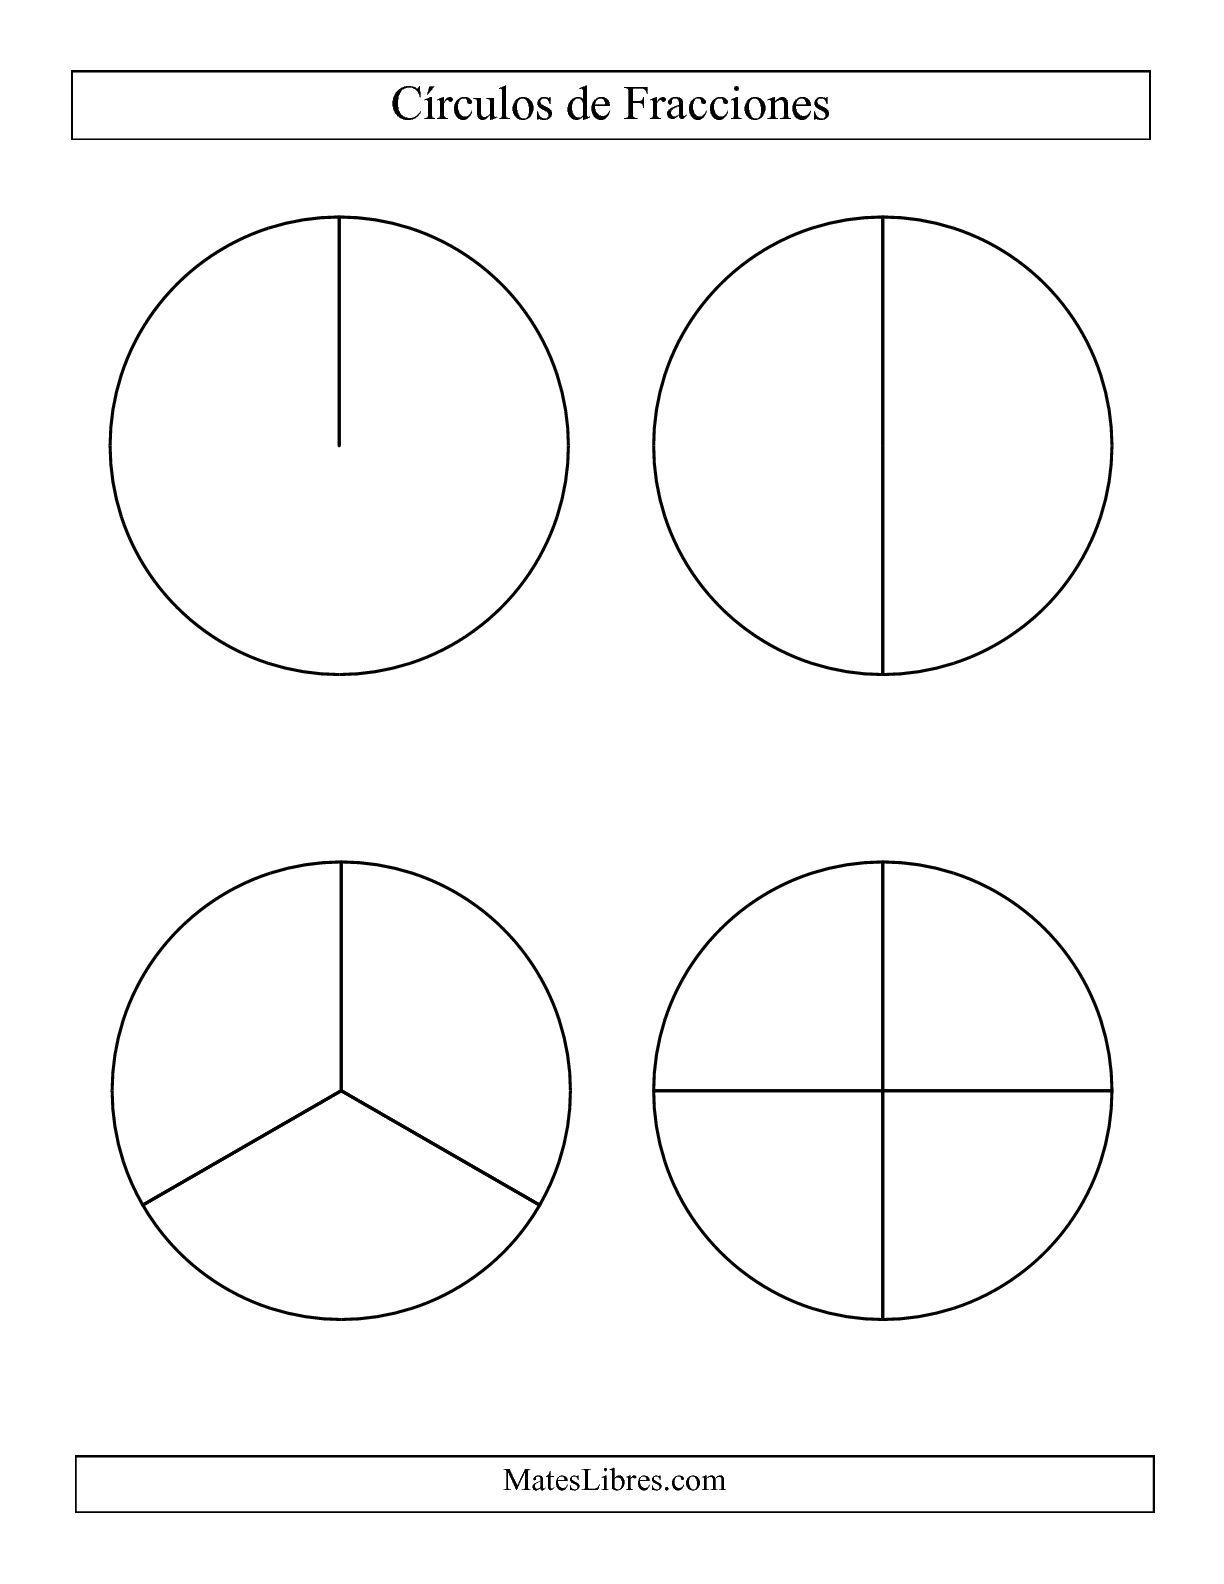 La Círculos en Blanco y Negro de Fracciones sin Etiquetas (Grande) (B) Hoja de Ejercicio de Fracciones